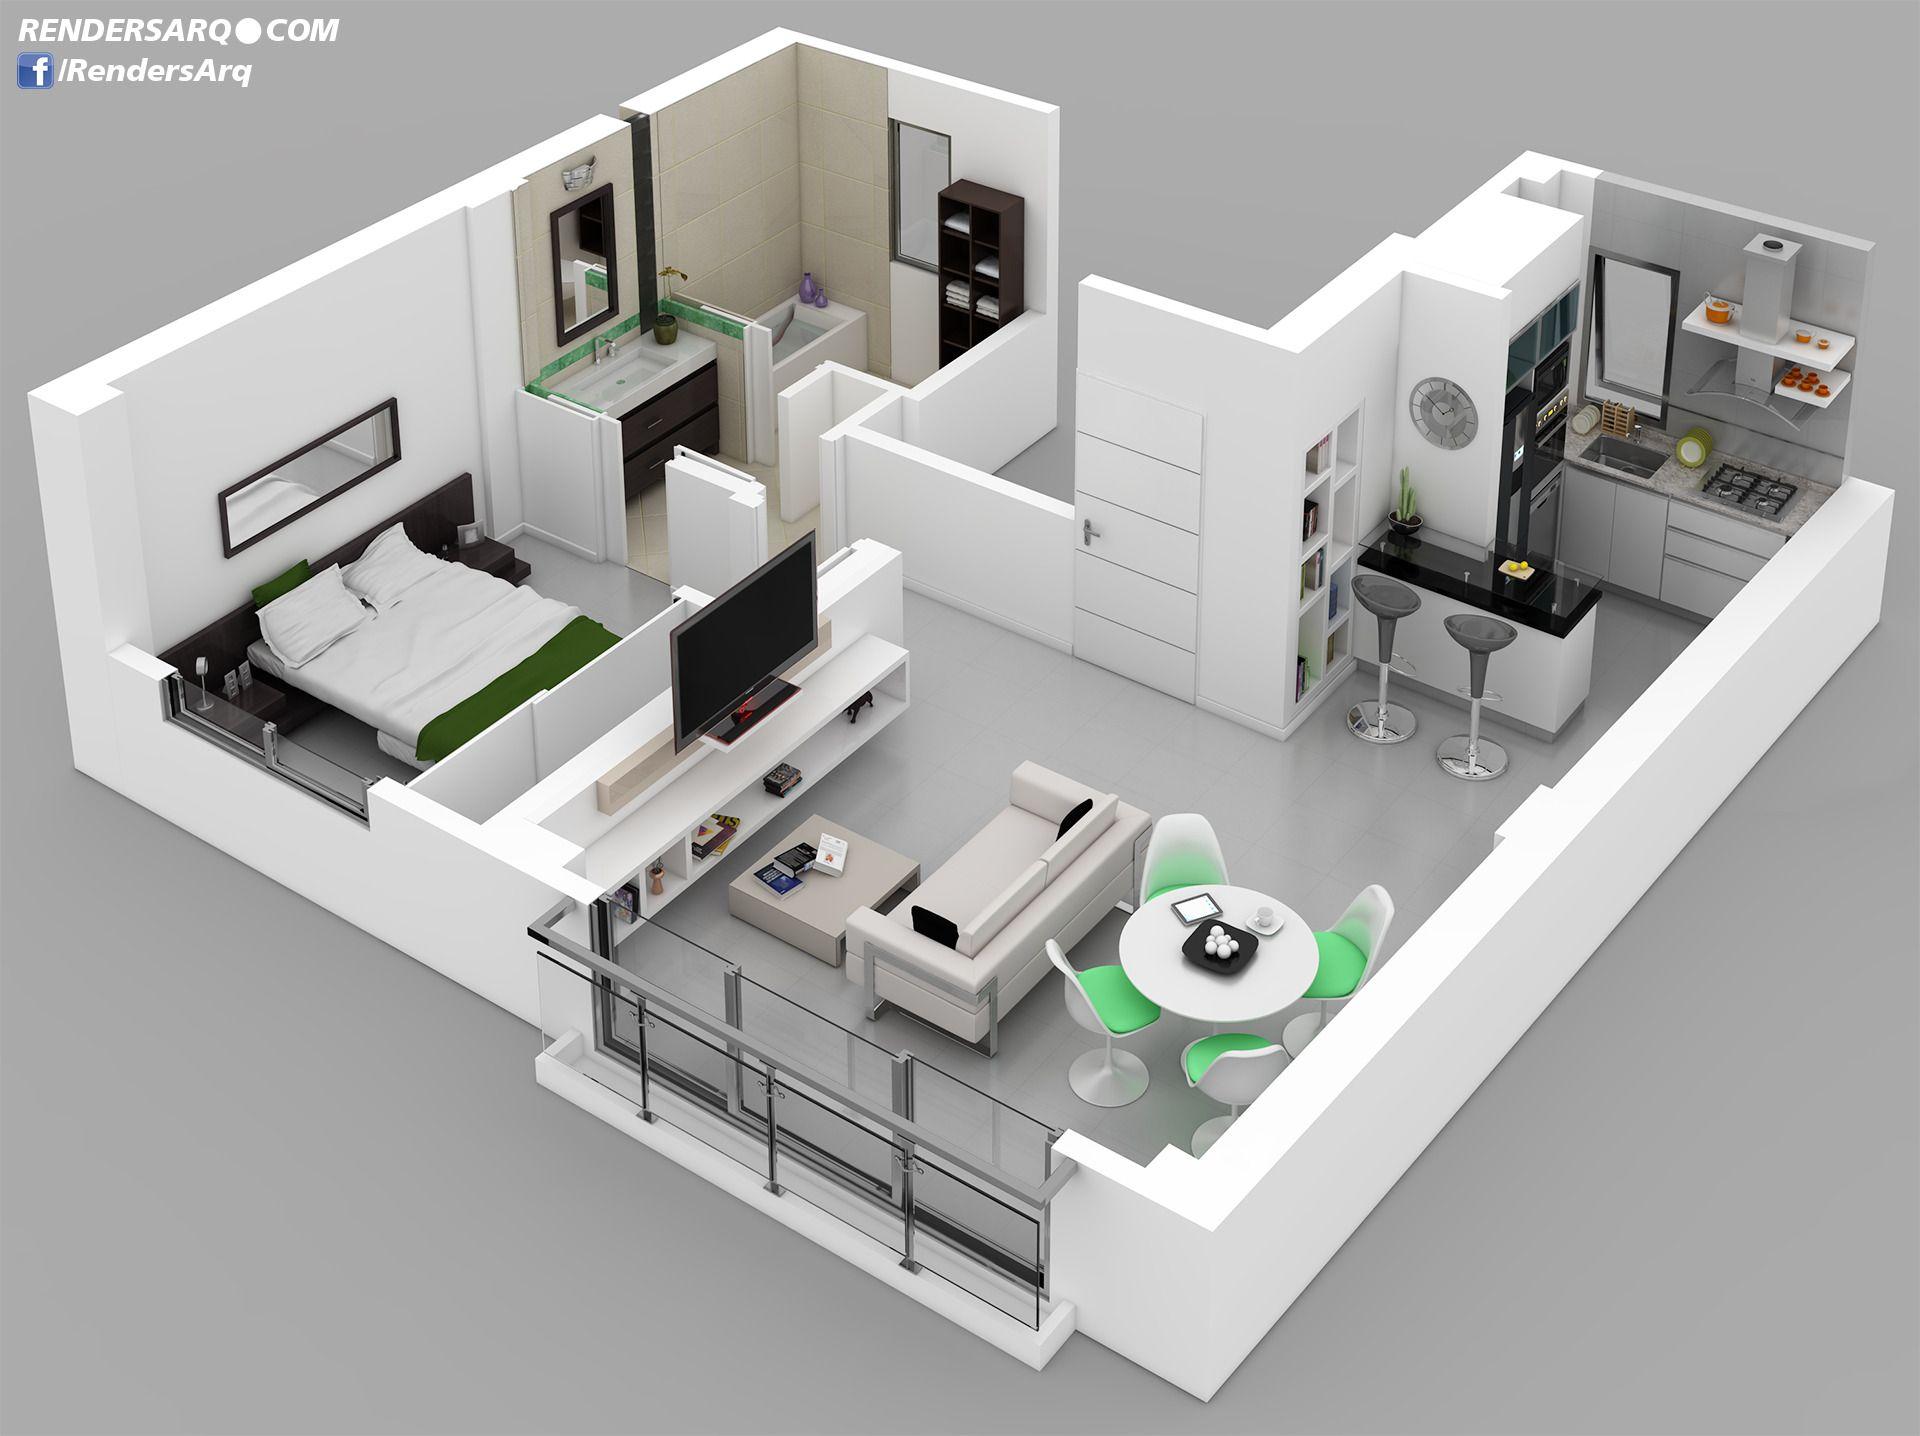 Renders Arquitectura Edifcio San Martin Avellaneda Casas En 3d Planos De Casas 3d Planos De Casas